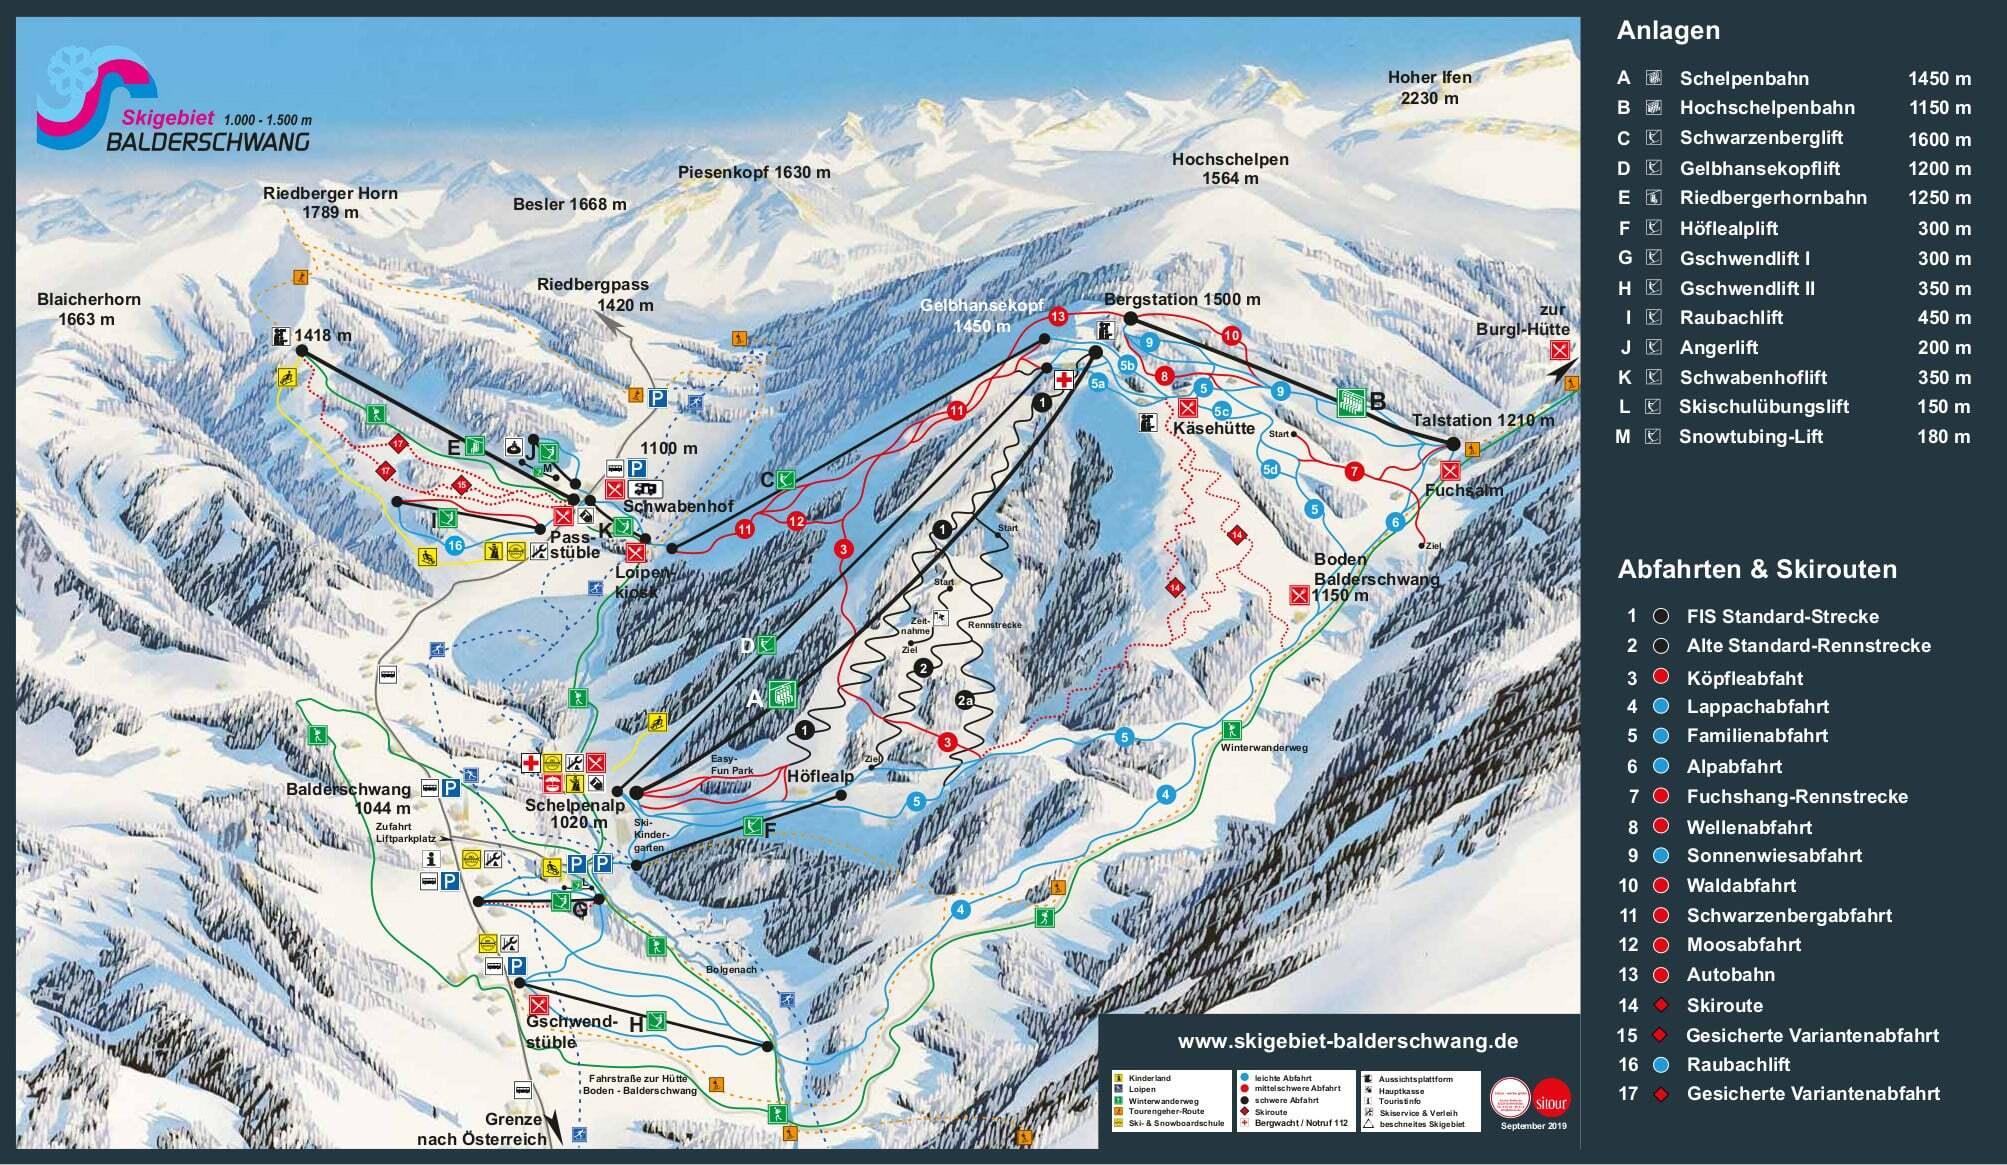 Balderschwang Piste / Trail Map